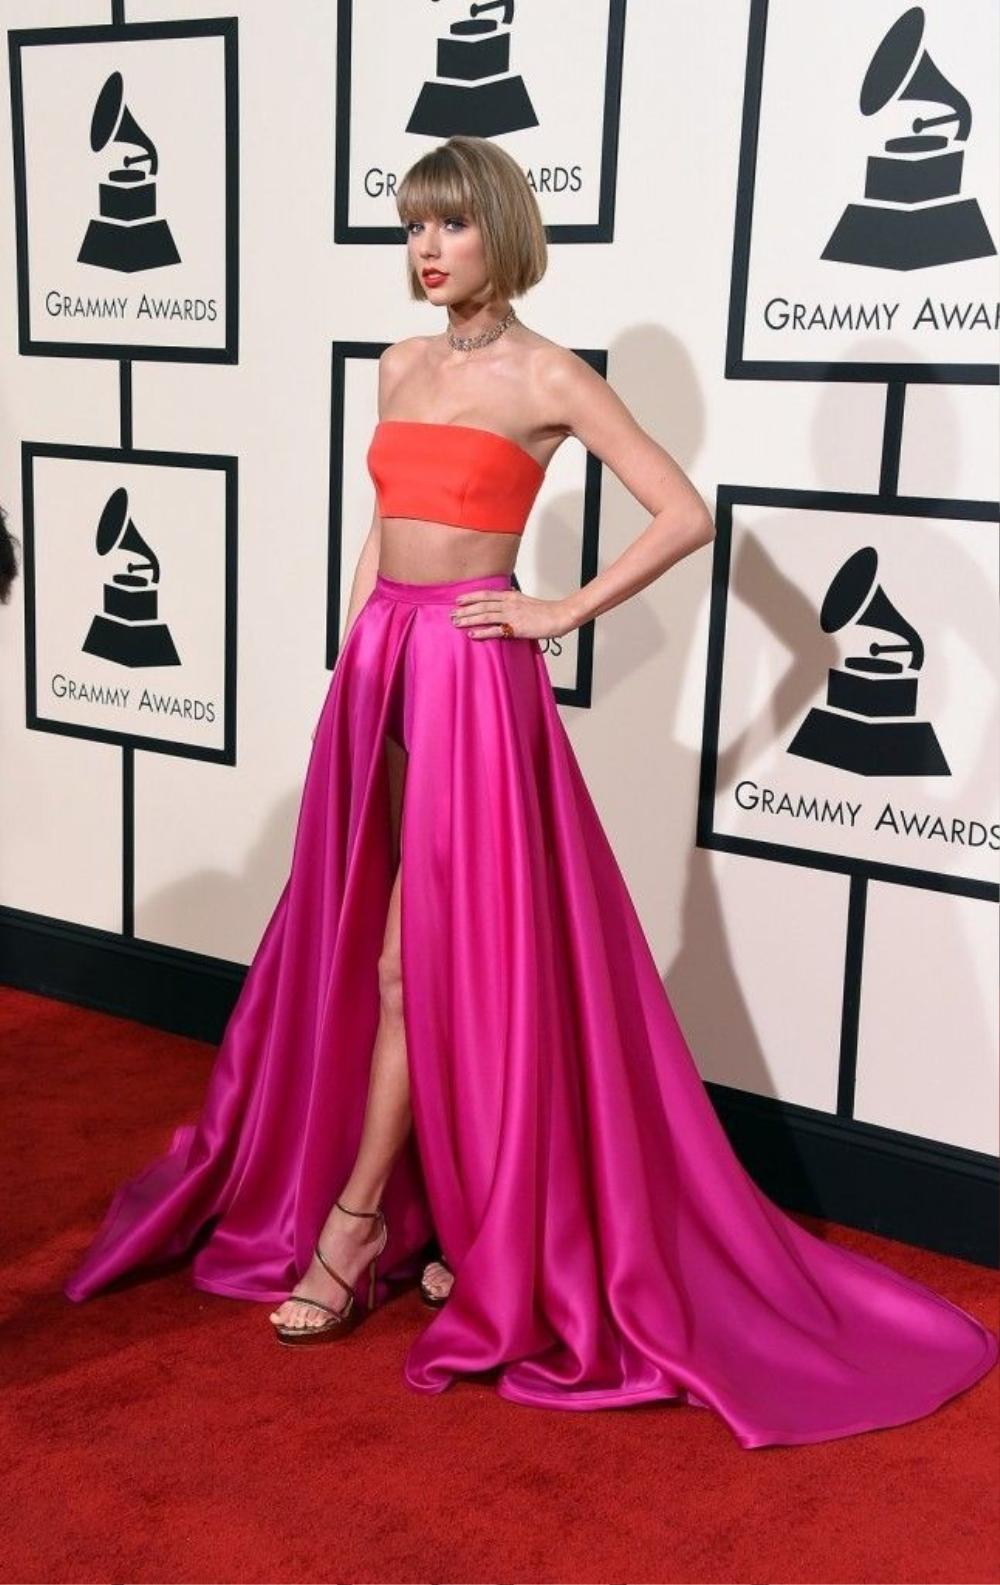 """Taylor Swift là nhân vật quan trọng trong Grammy năm nay với 7 đề cử trong đó có những giải quan trọng như """"Album của năm"""", """"Ca khúc của năm""""...."""